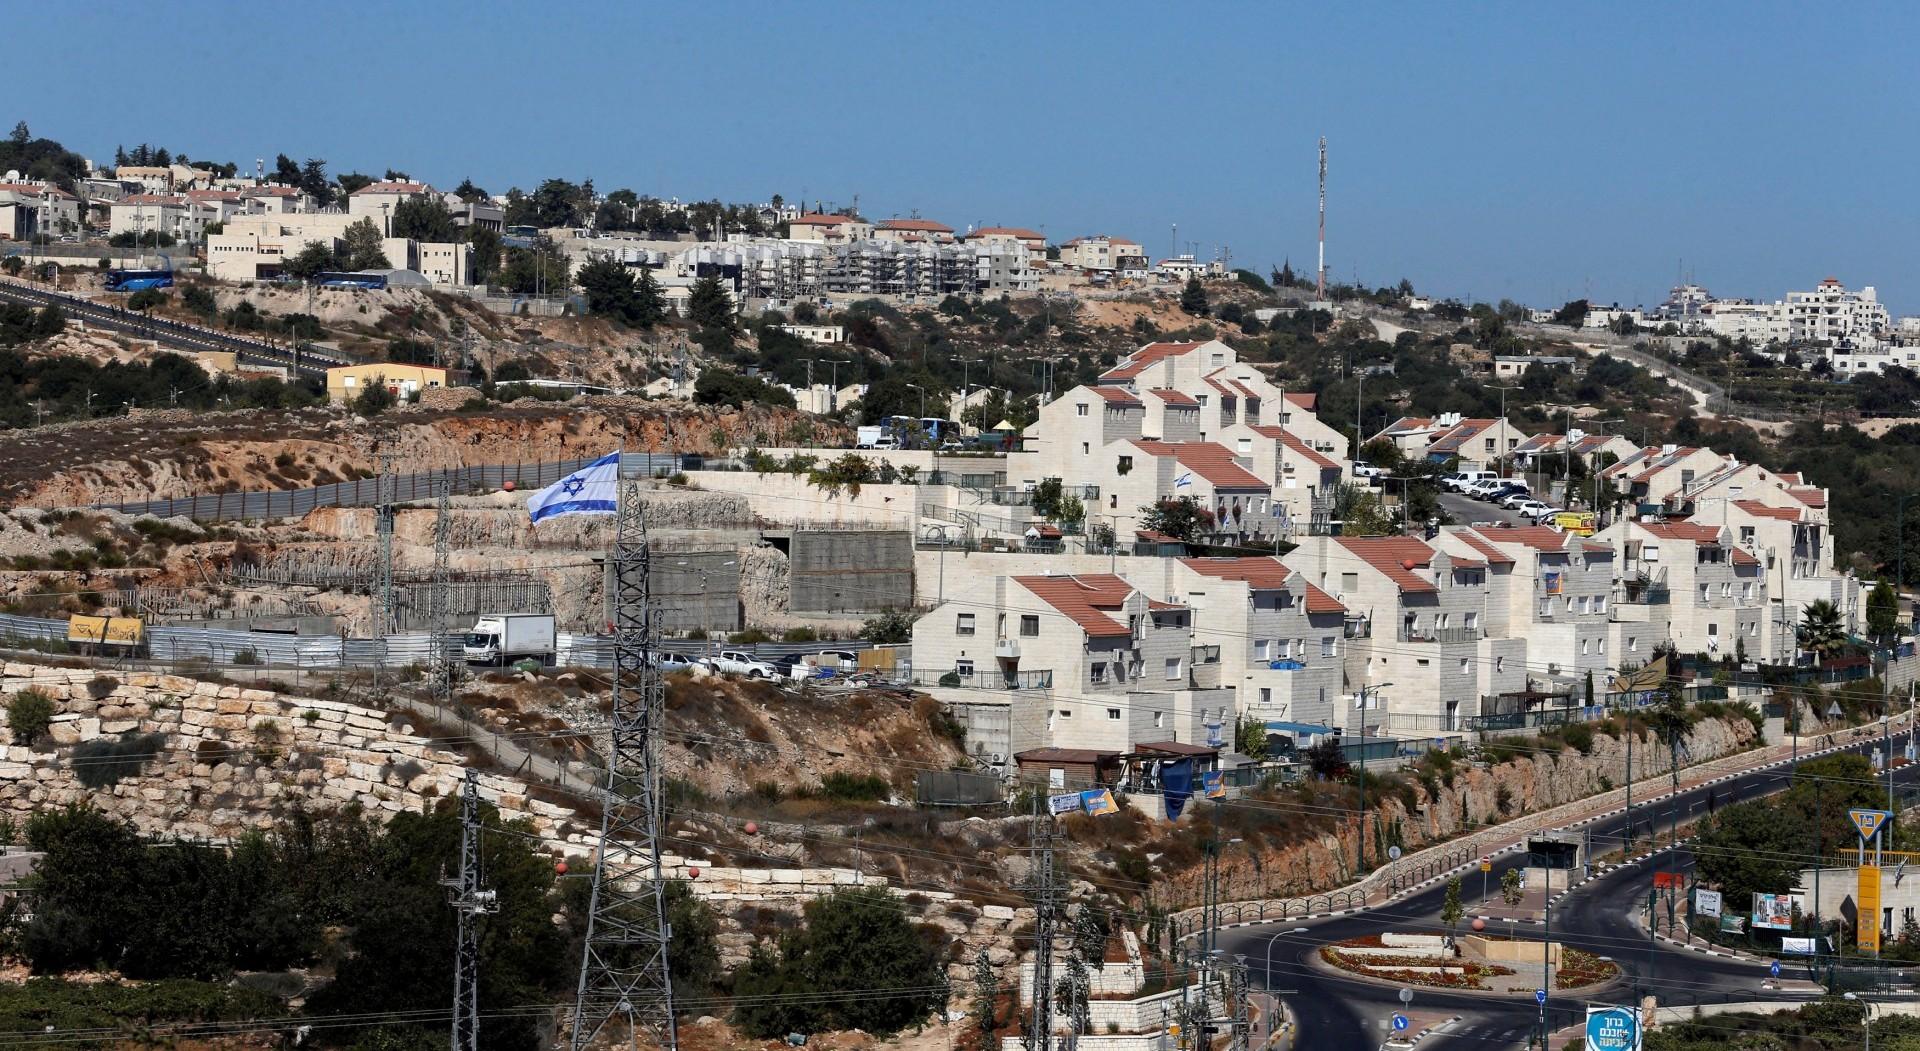 Vista panorámica de un asentamiento judío en Hebrón (Reuters)